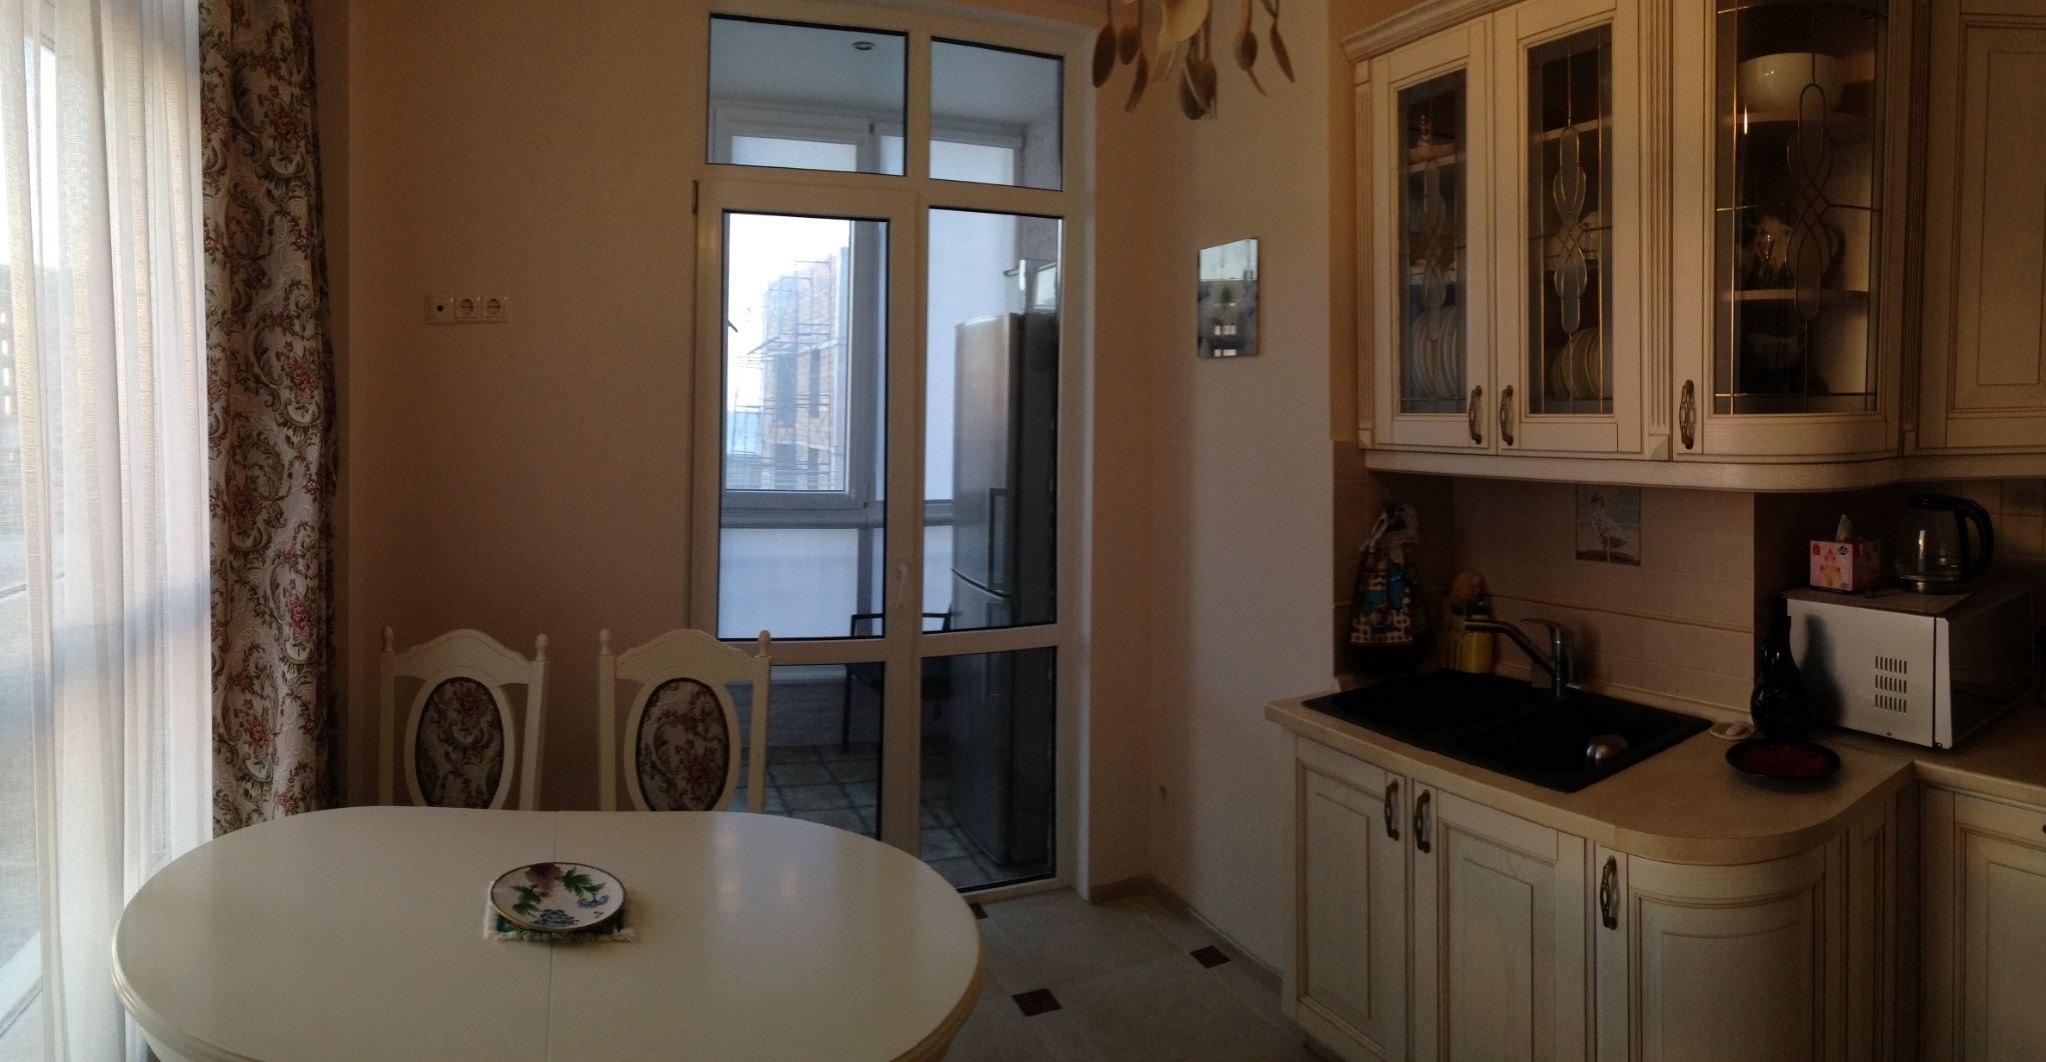 2-комнатная квартира посуточно (вариант 2211), ул щитовая улица, фото 3